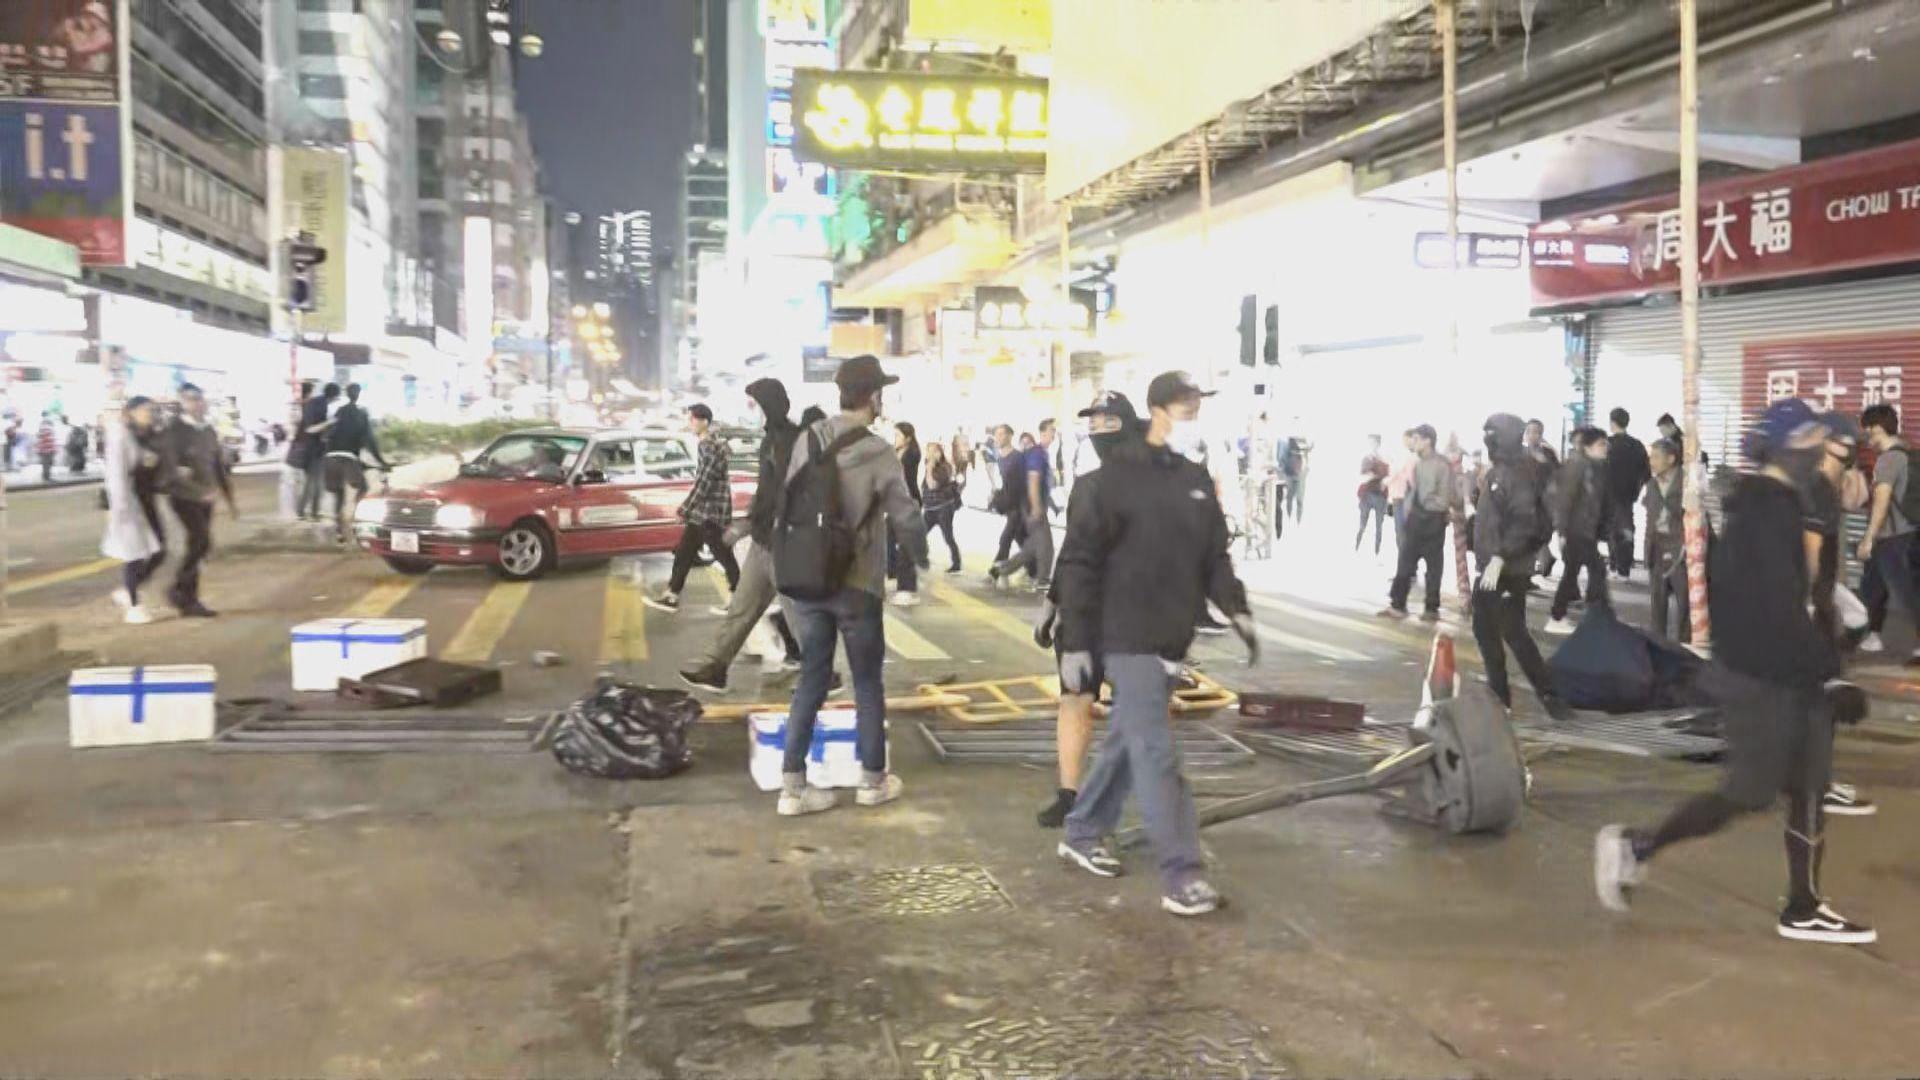 示威者在旺角堵路 警方施放催淚彈